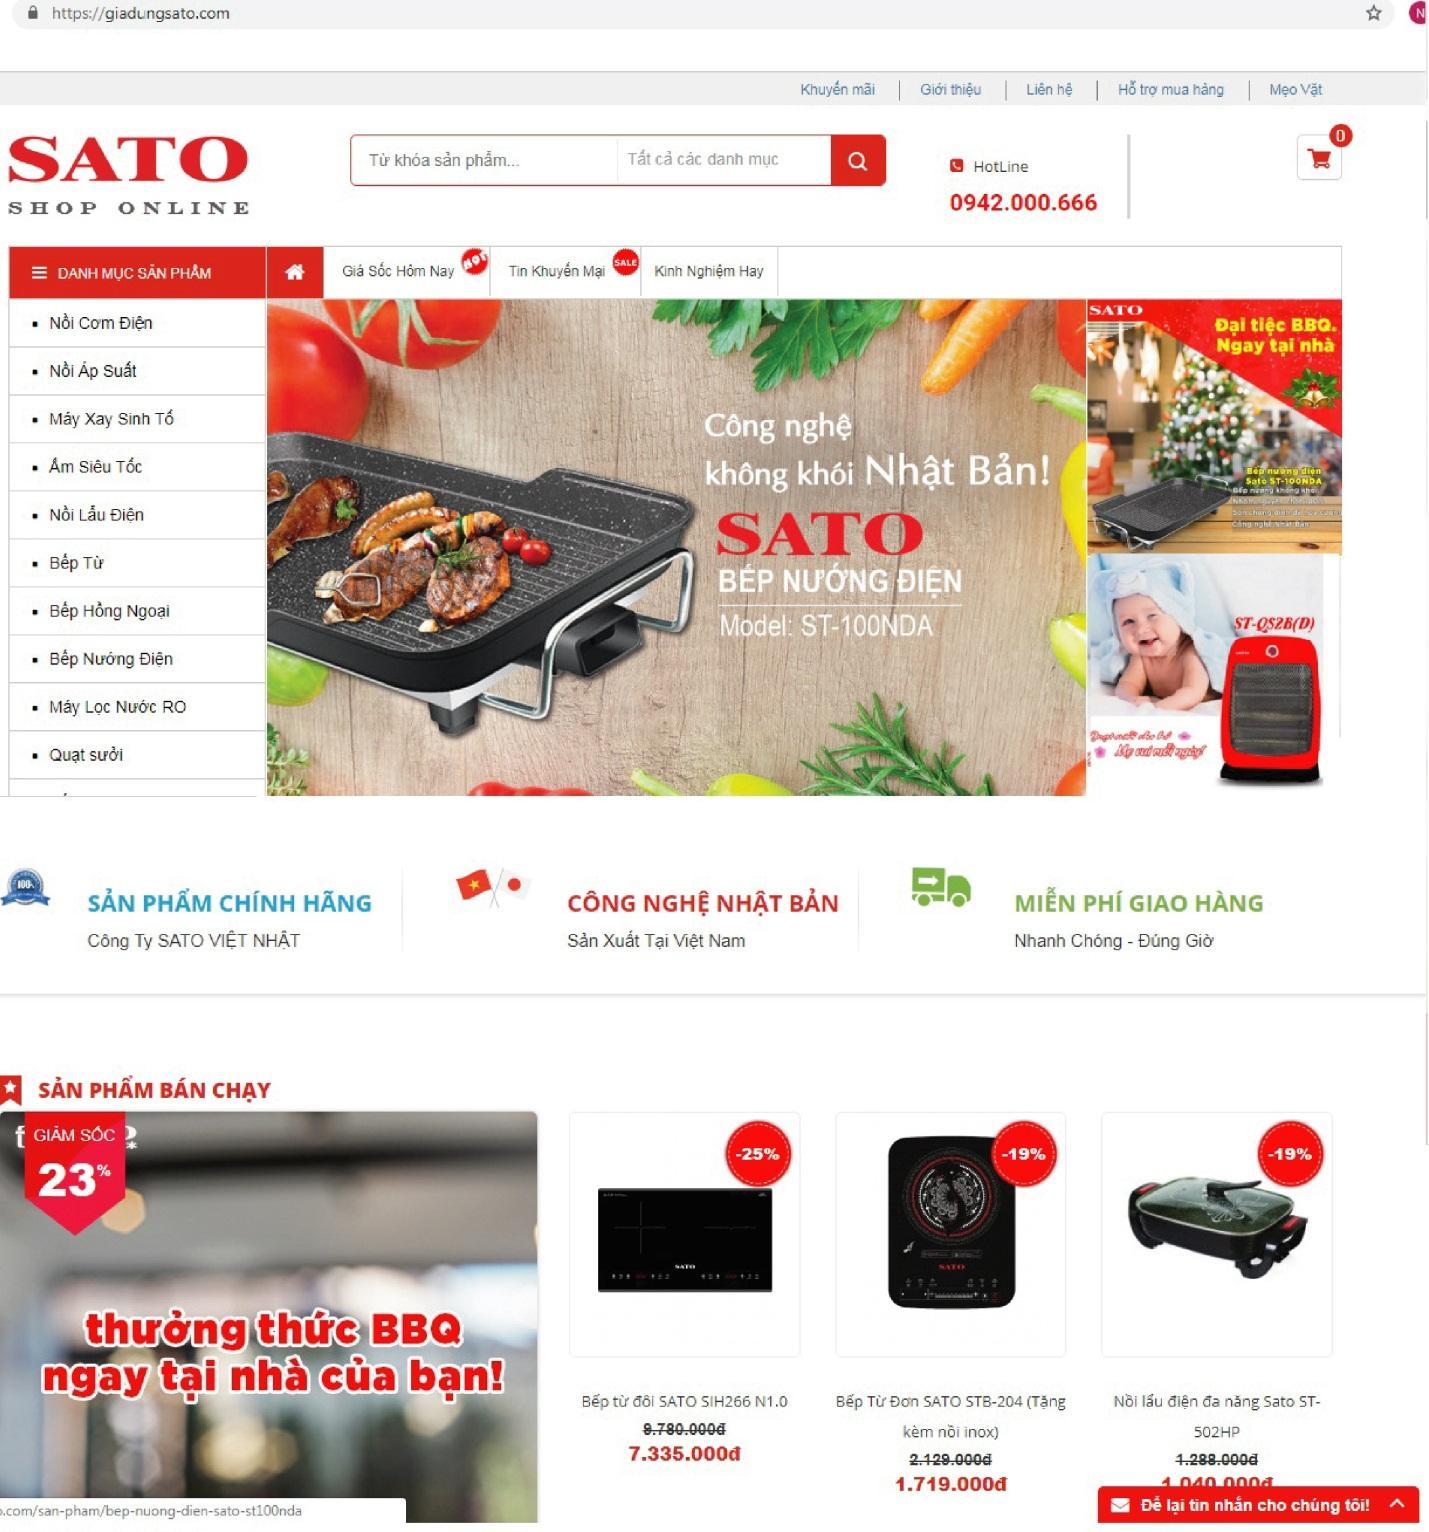 Nhận ngay gift code giảm giá 10% khi kết nối với Sato qua facebook - Ảnh 3